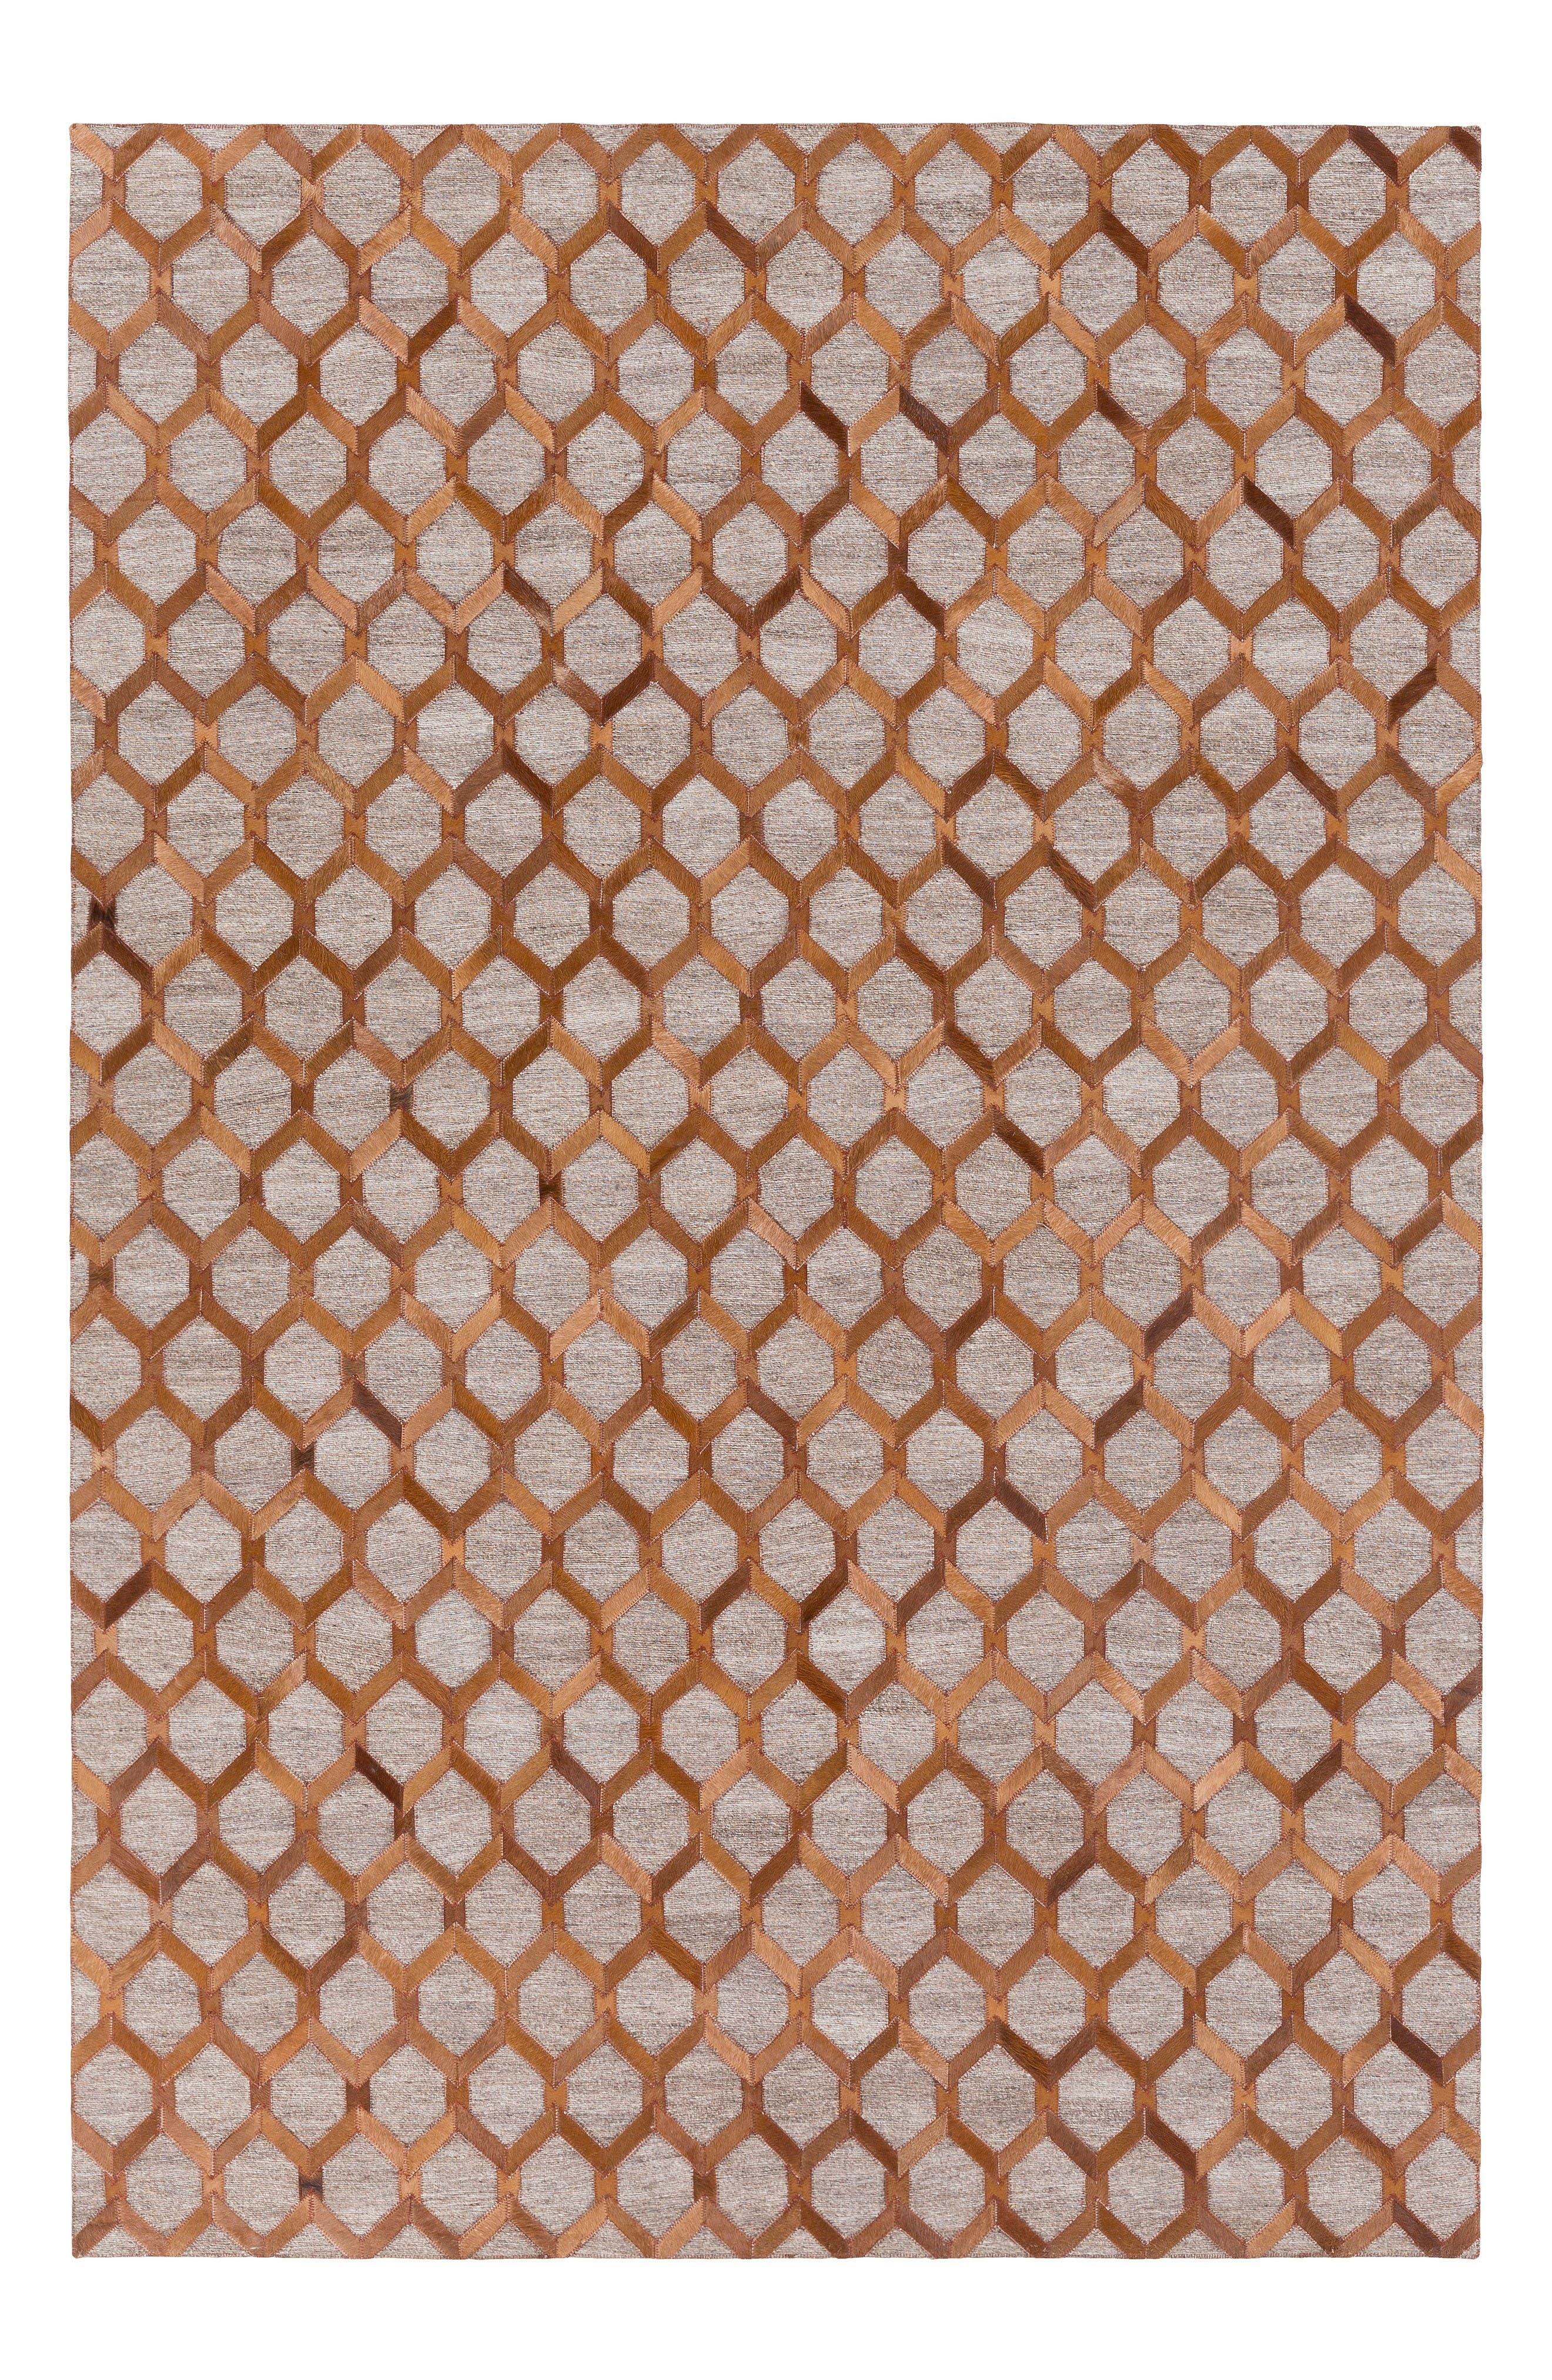 Main Image - Surya Home Medora Diamond Genuine Calf Hair Rug